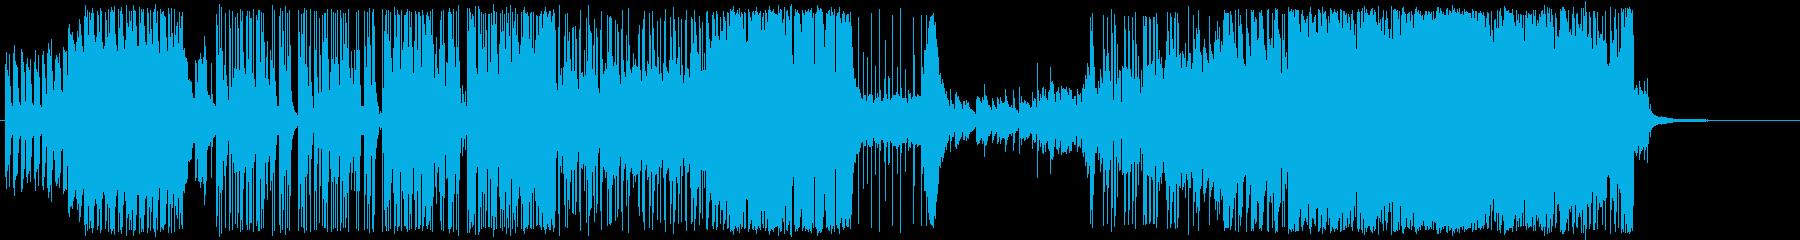 ピアノメインの疾走感あるBGMの再生済みの波形